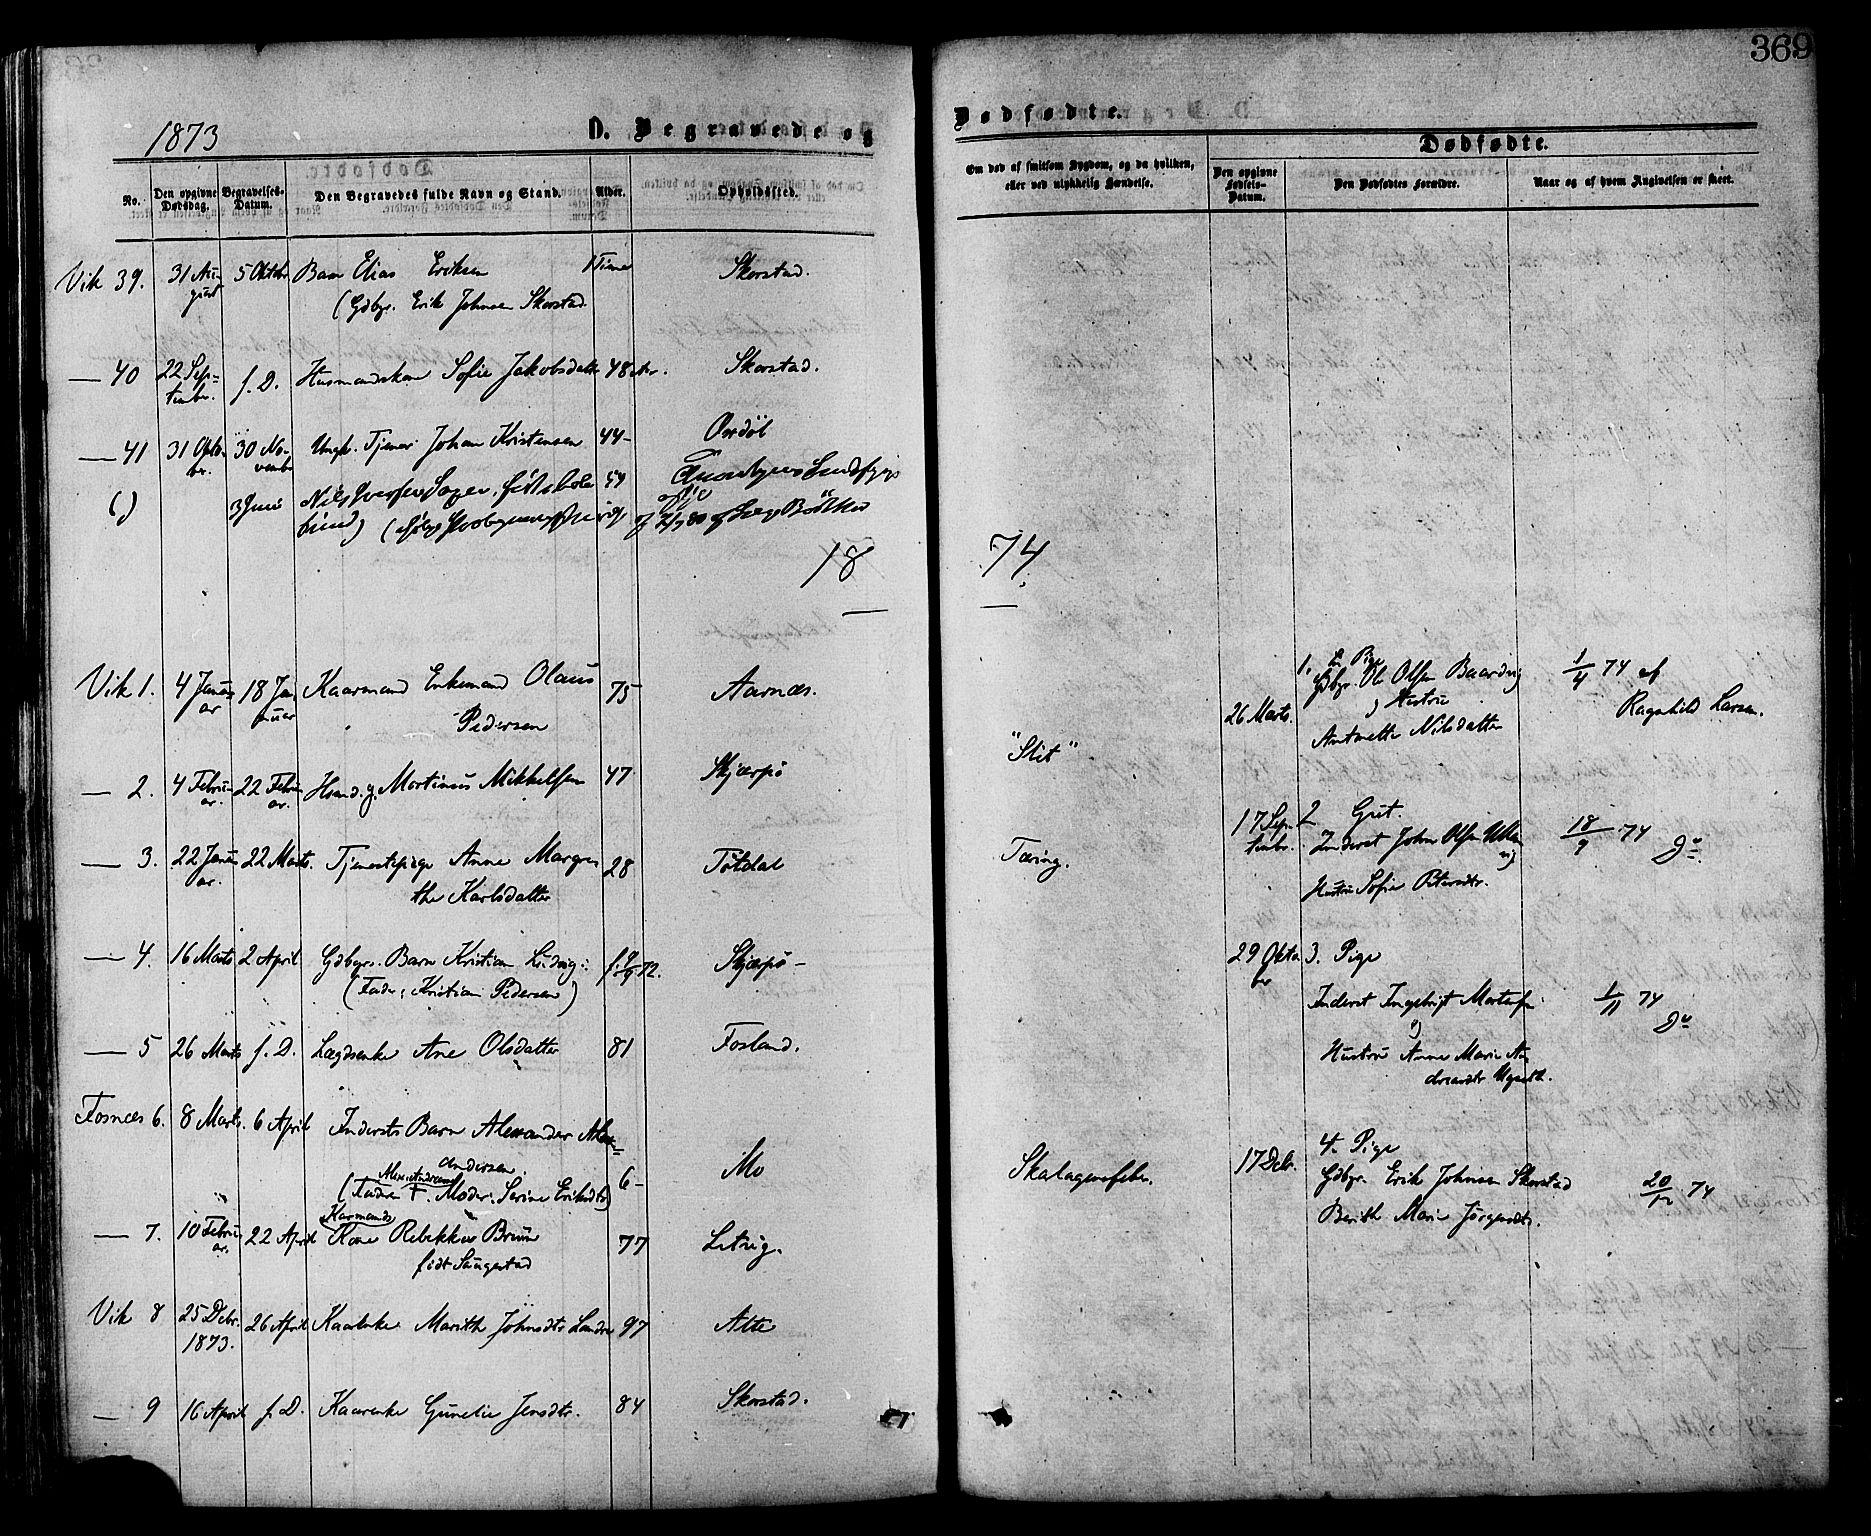 SAT, Ministerialprotokoller, klokkerbøker og fødselsregistre - Nord-Trøndelag, 773/L0616: Ministerialbok nr. 773A07, 1870-1887, s. 369